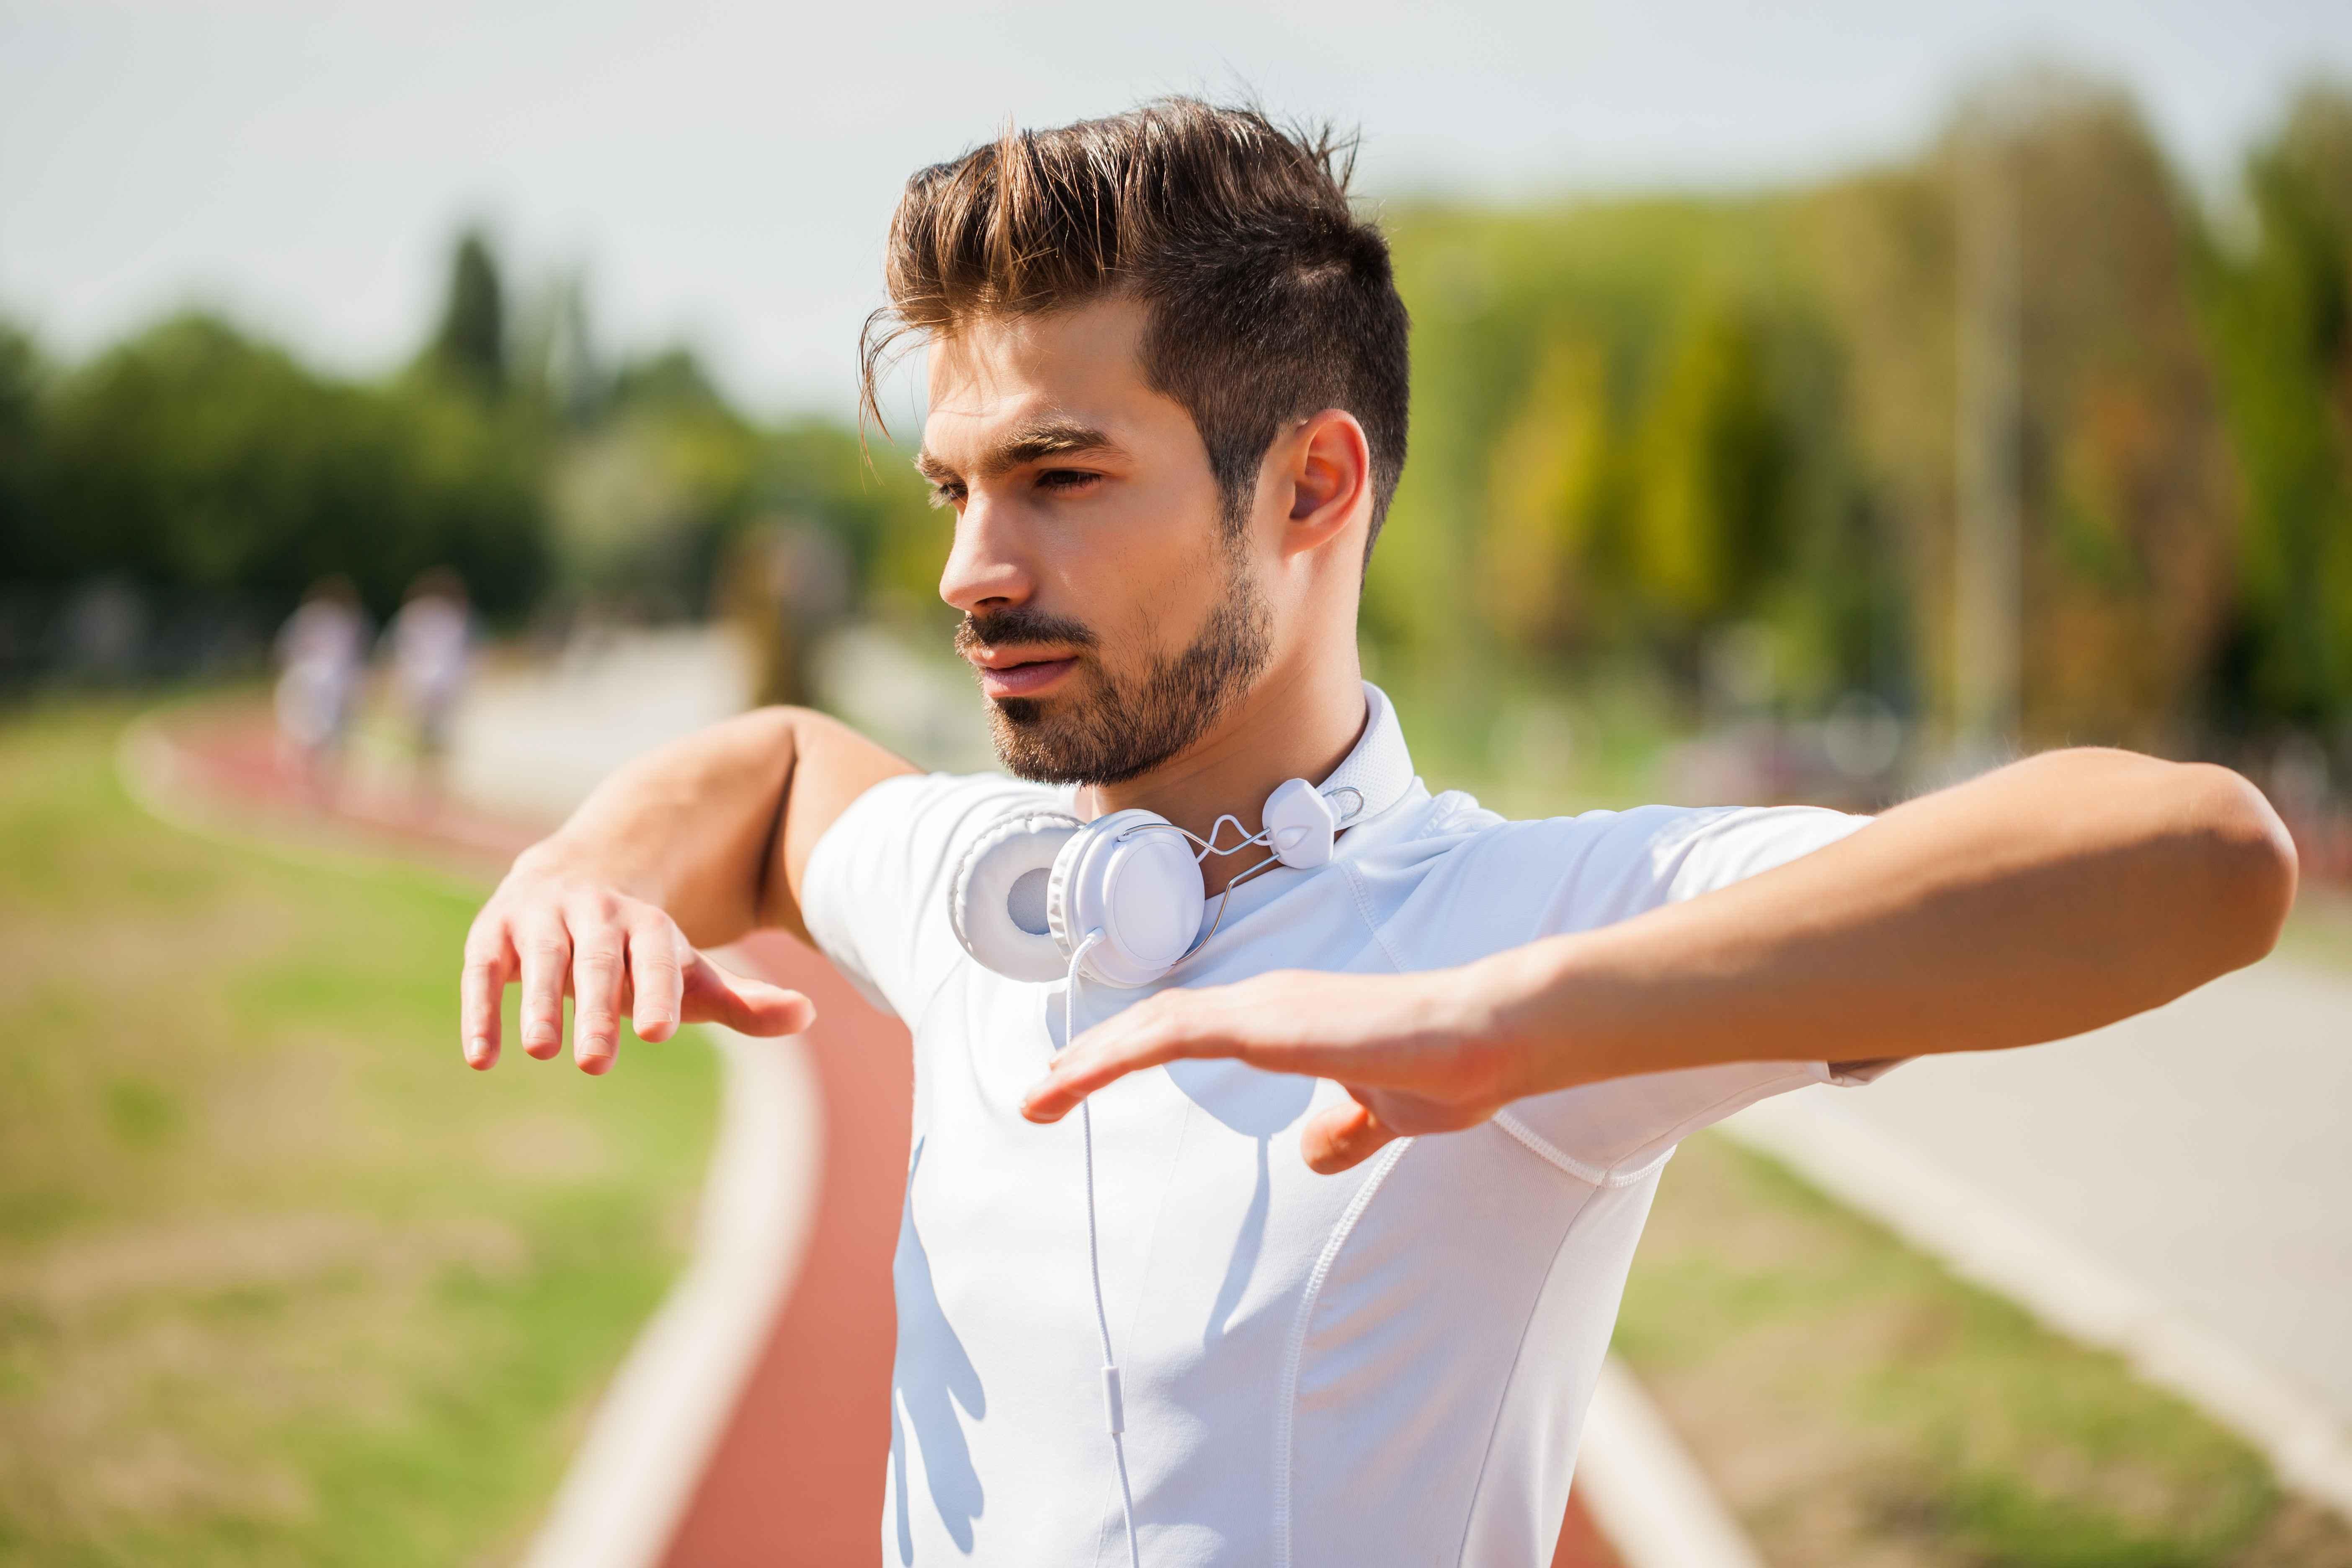 运动前要了解解剖学图谱吗运动的流程是怎样